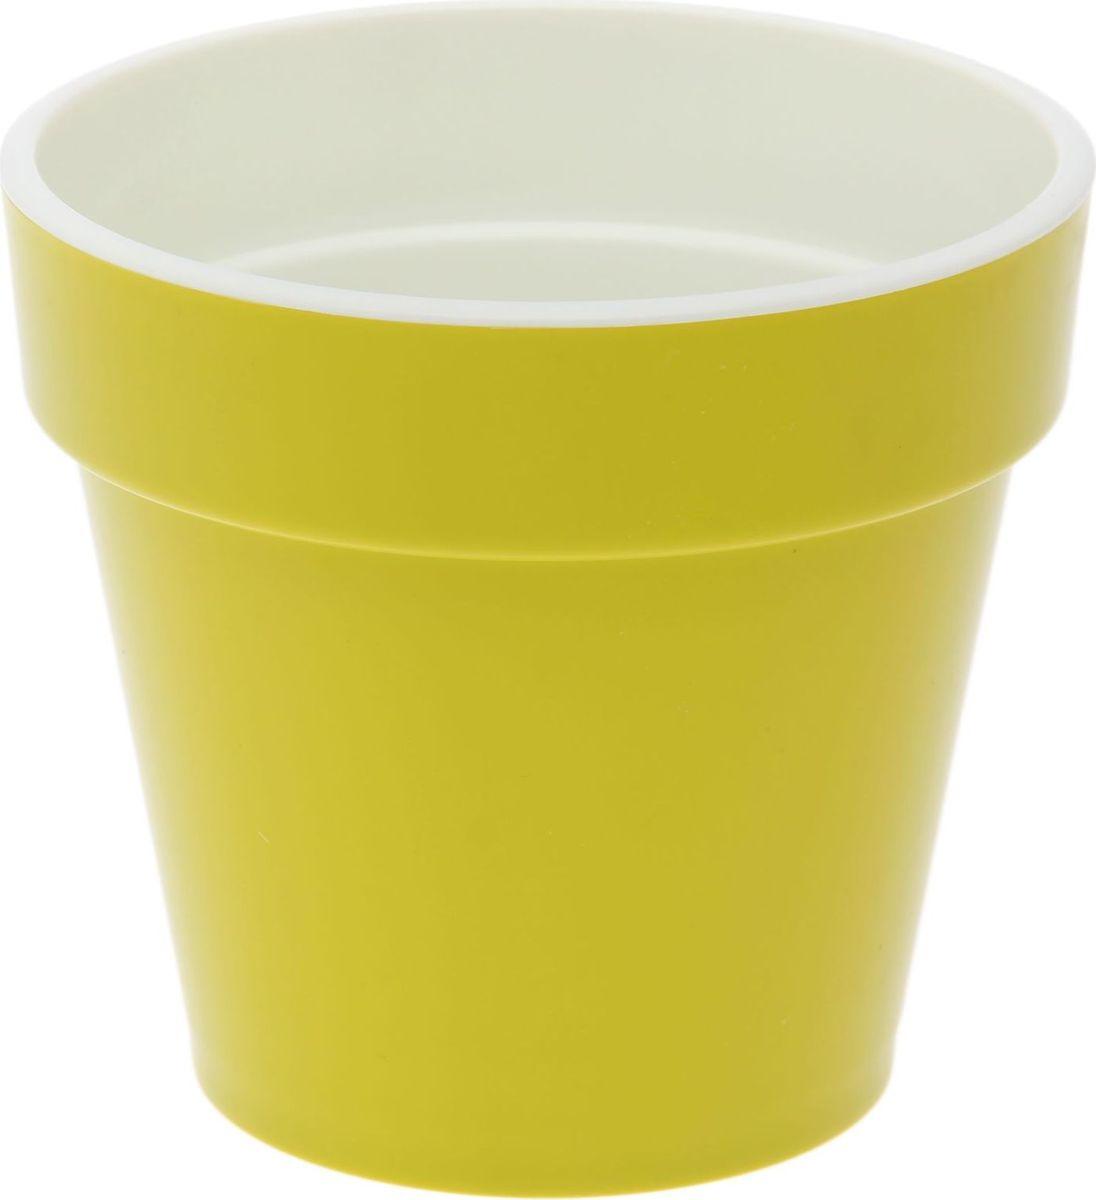 Кашпо JetPlast Порто, со вставкой, цвет: фисташковый, 2,4 л531-401Кашпо Порто классической формы с внутренней вставкой-горшком. Дренажная вставка позволяет легко поливать растения без использования дополнительного поддона. Вместительный объем кашпо позволяет высаживать самые разнообразные растения, а съемная вставка избавит вас от грязи и подчеркнет красоту цветка. Оно изготовлено из прочного полипропилена (пластика). Такое кашпо порадует вас функциональностью, а благодаря лаконичному дизайну впишется в любой интерьер помещения. Объем кашпо: 2,4 л.